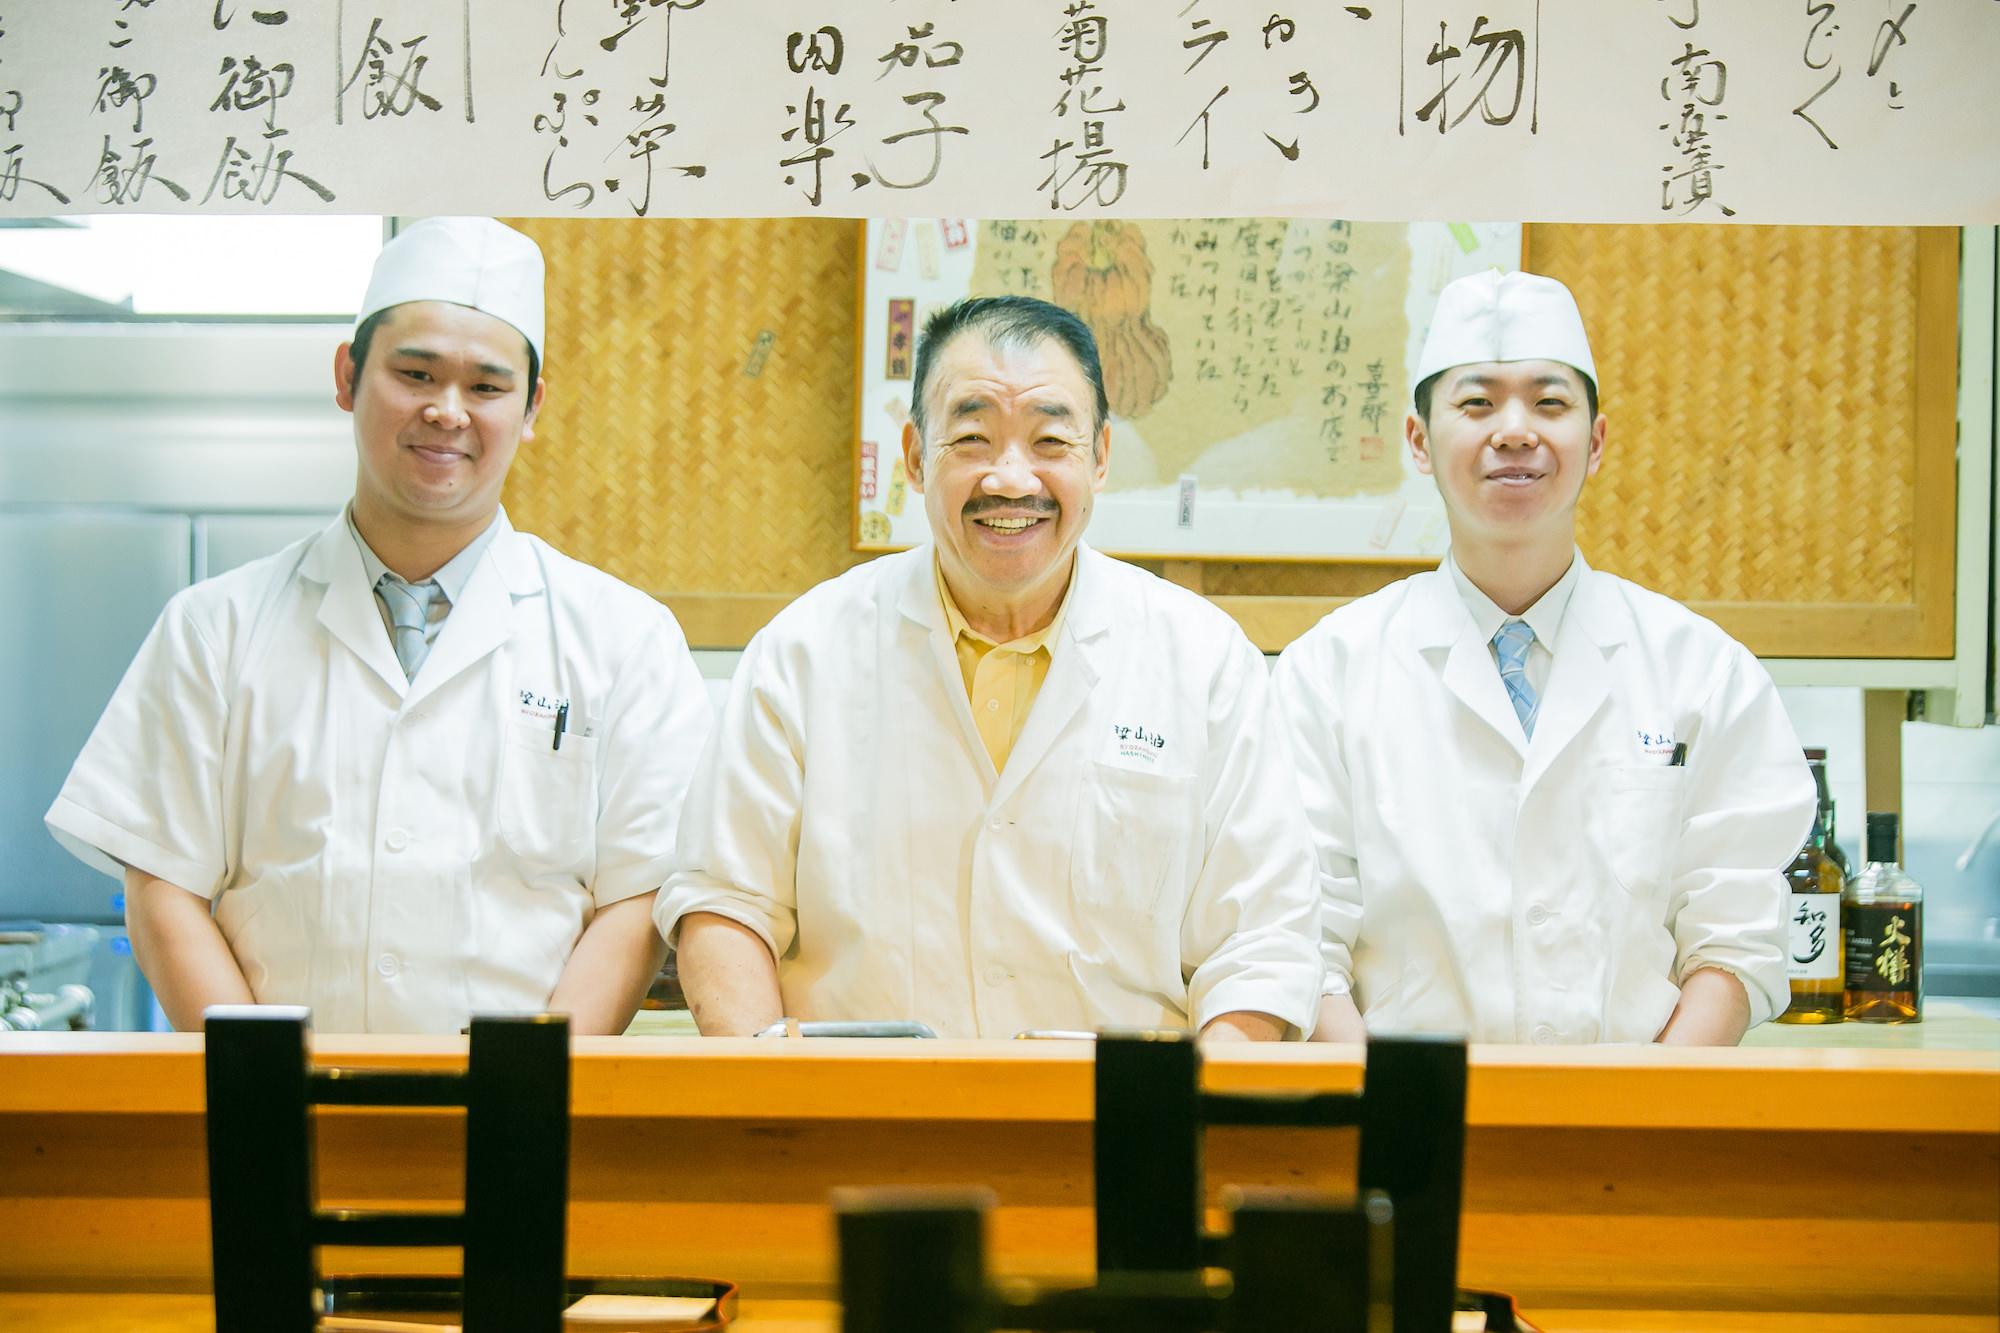 Ryozanpaku Ken'ichi Hashimoto & staff